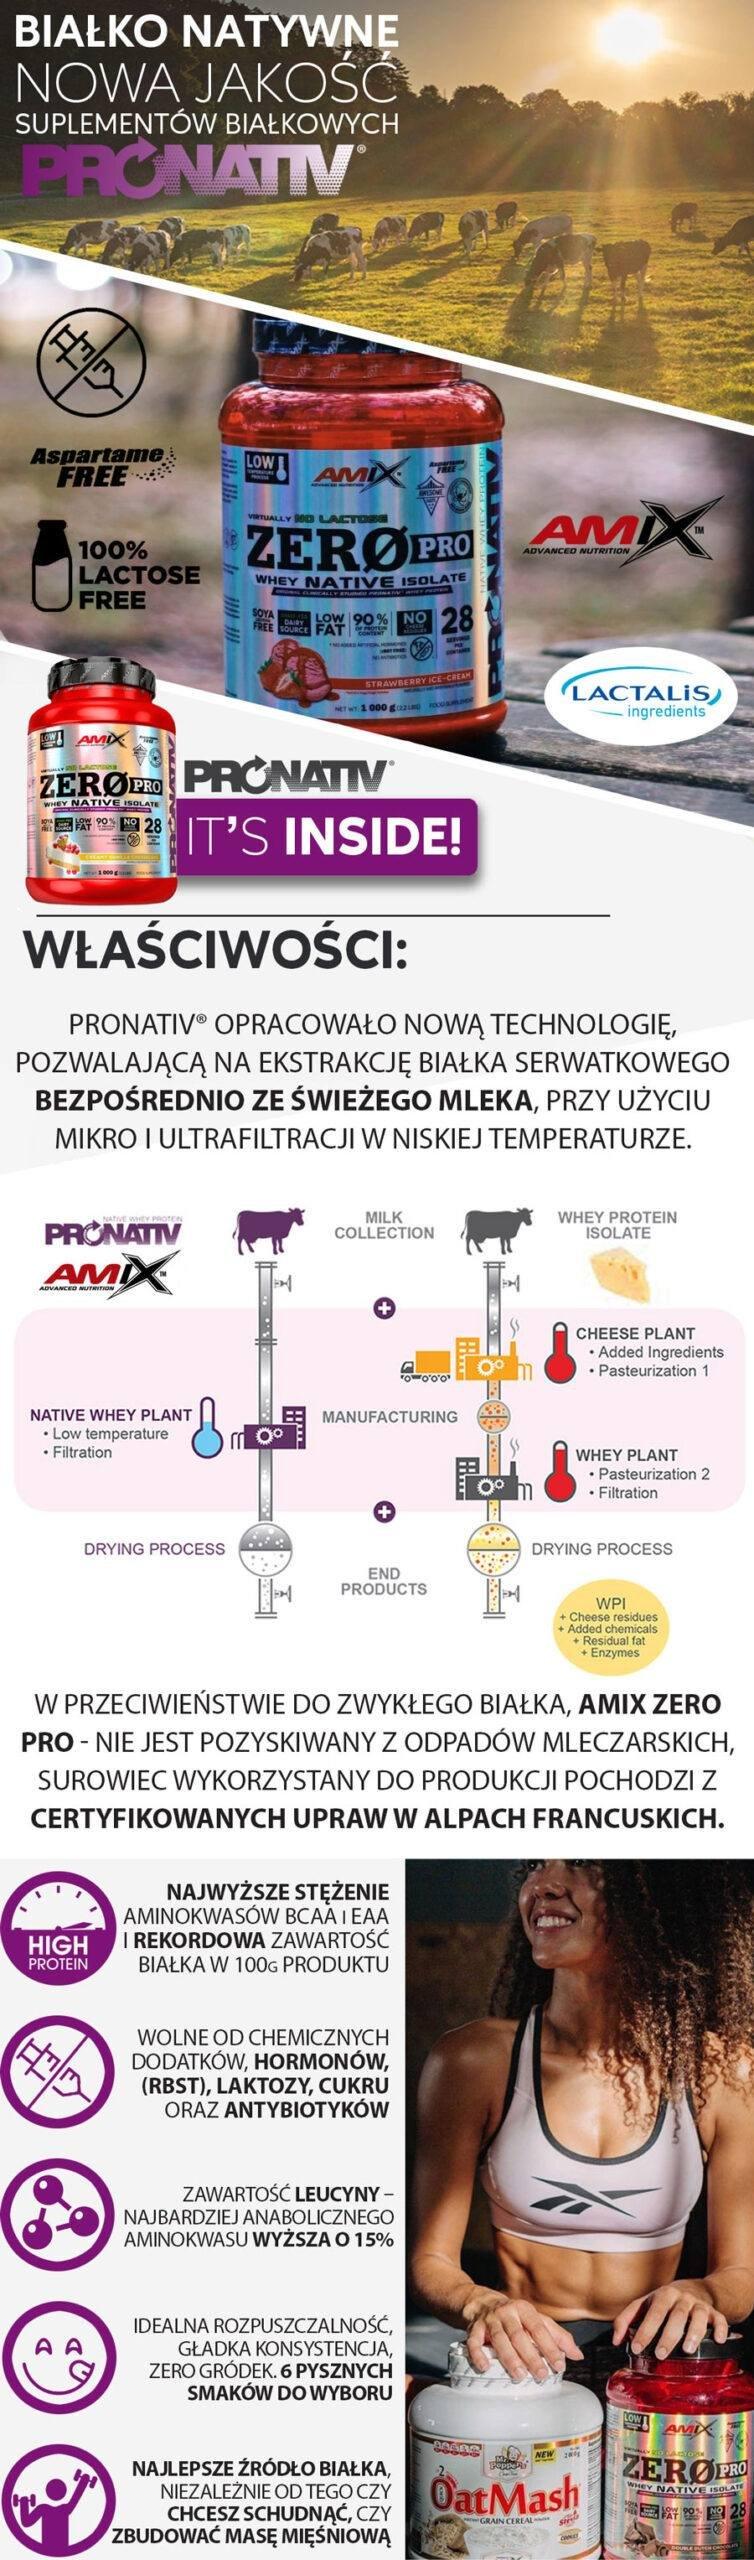 amix-zero-pro-info-grafika